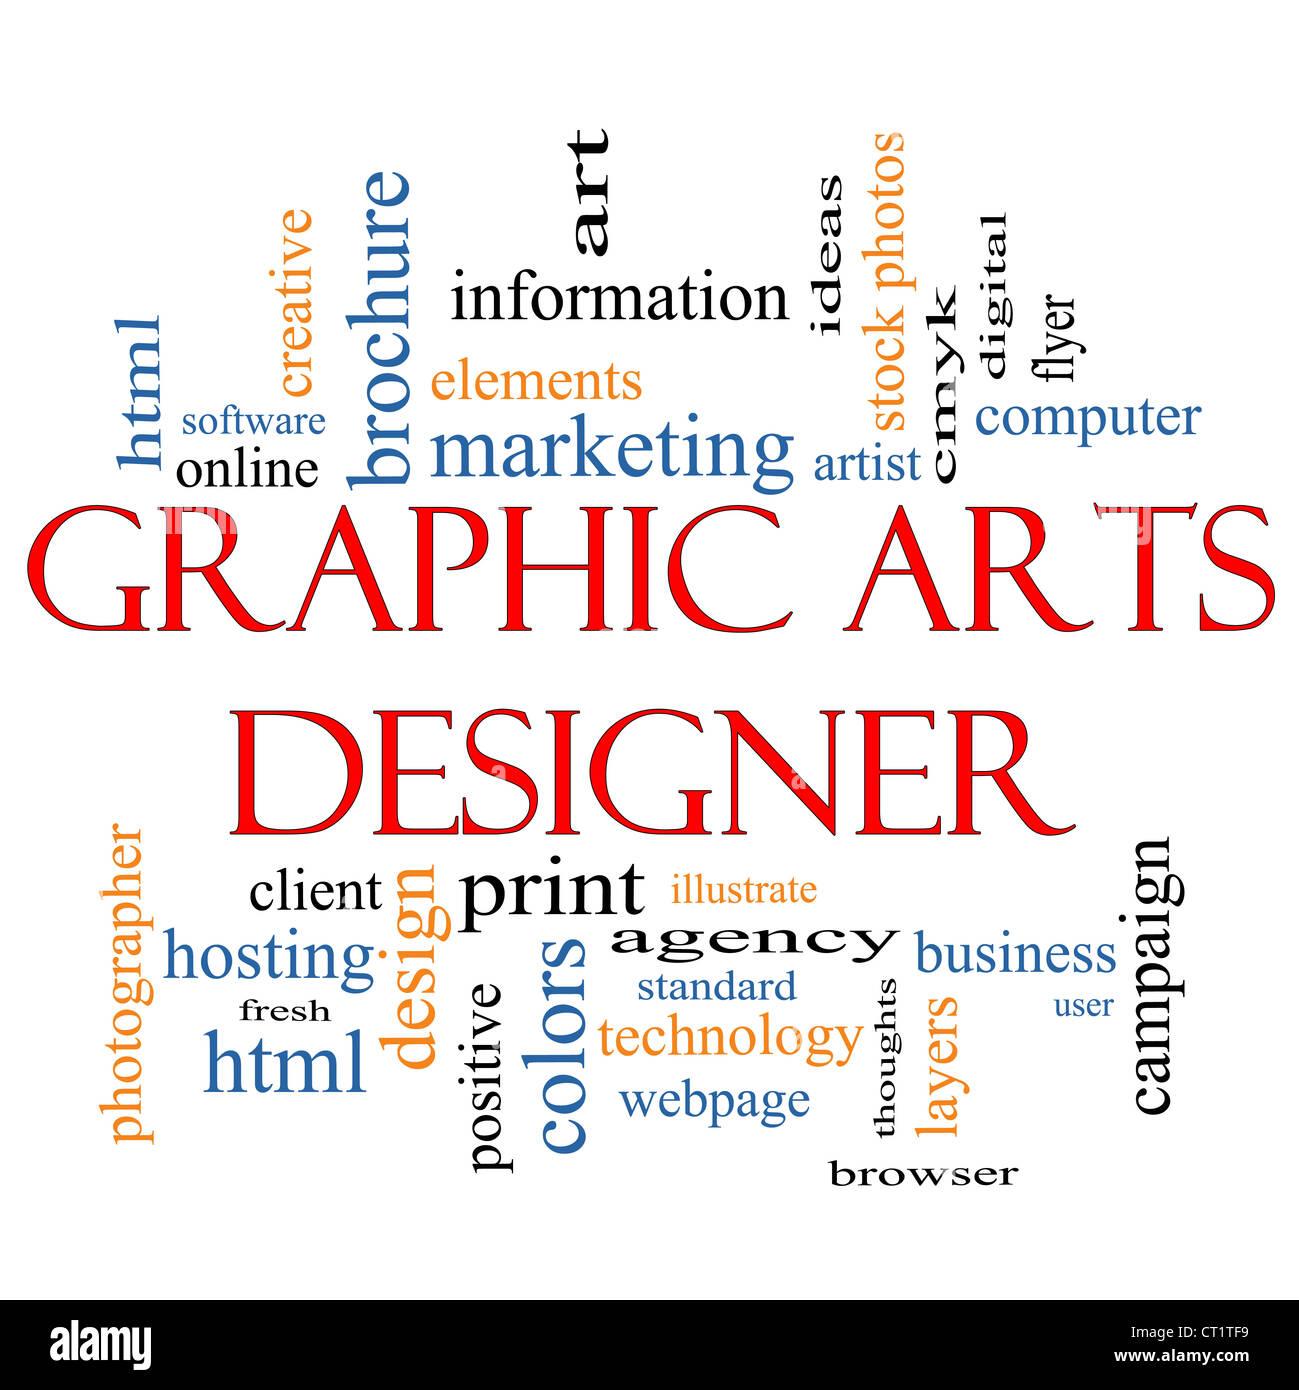 Grafik Designer Word Cloud-Konzept mit großen Begriffe wie html, Client, Software, Design, zu illustrieren Stockbild